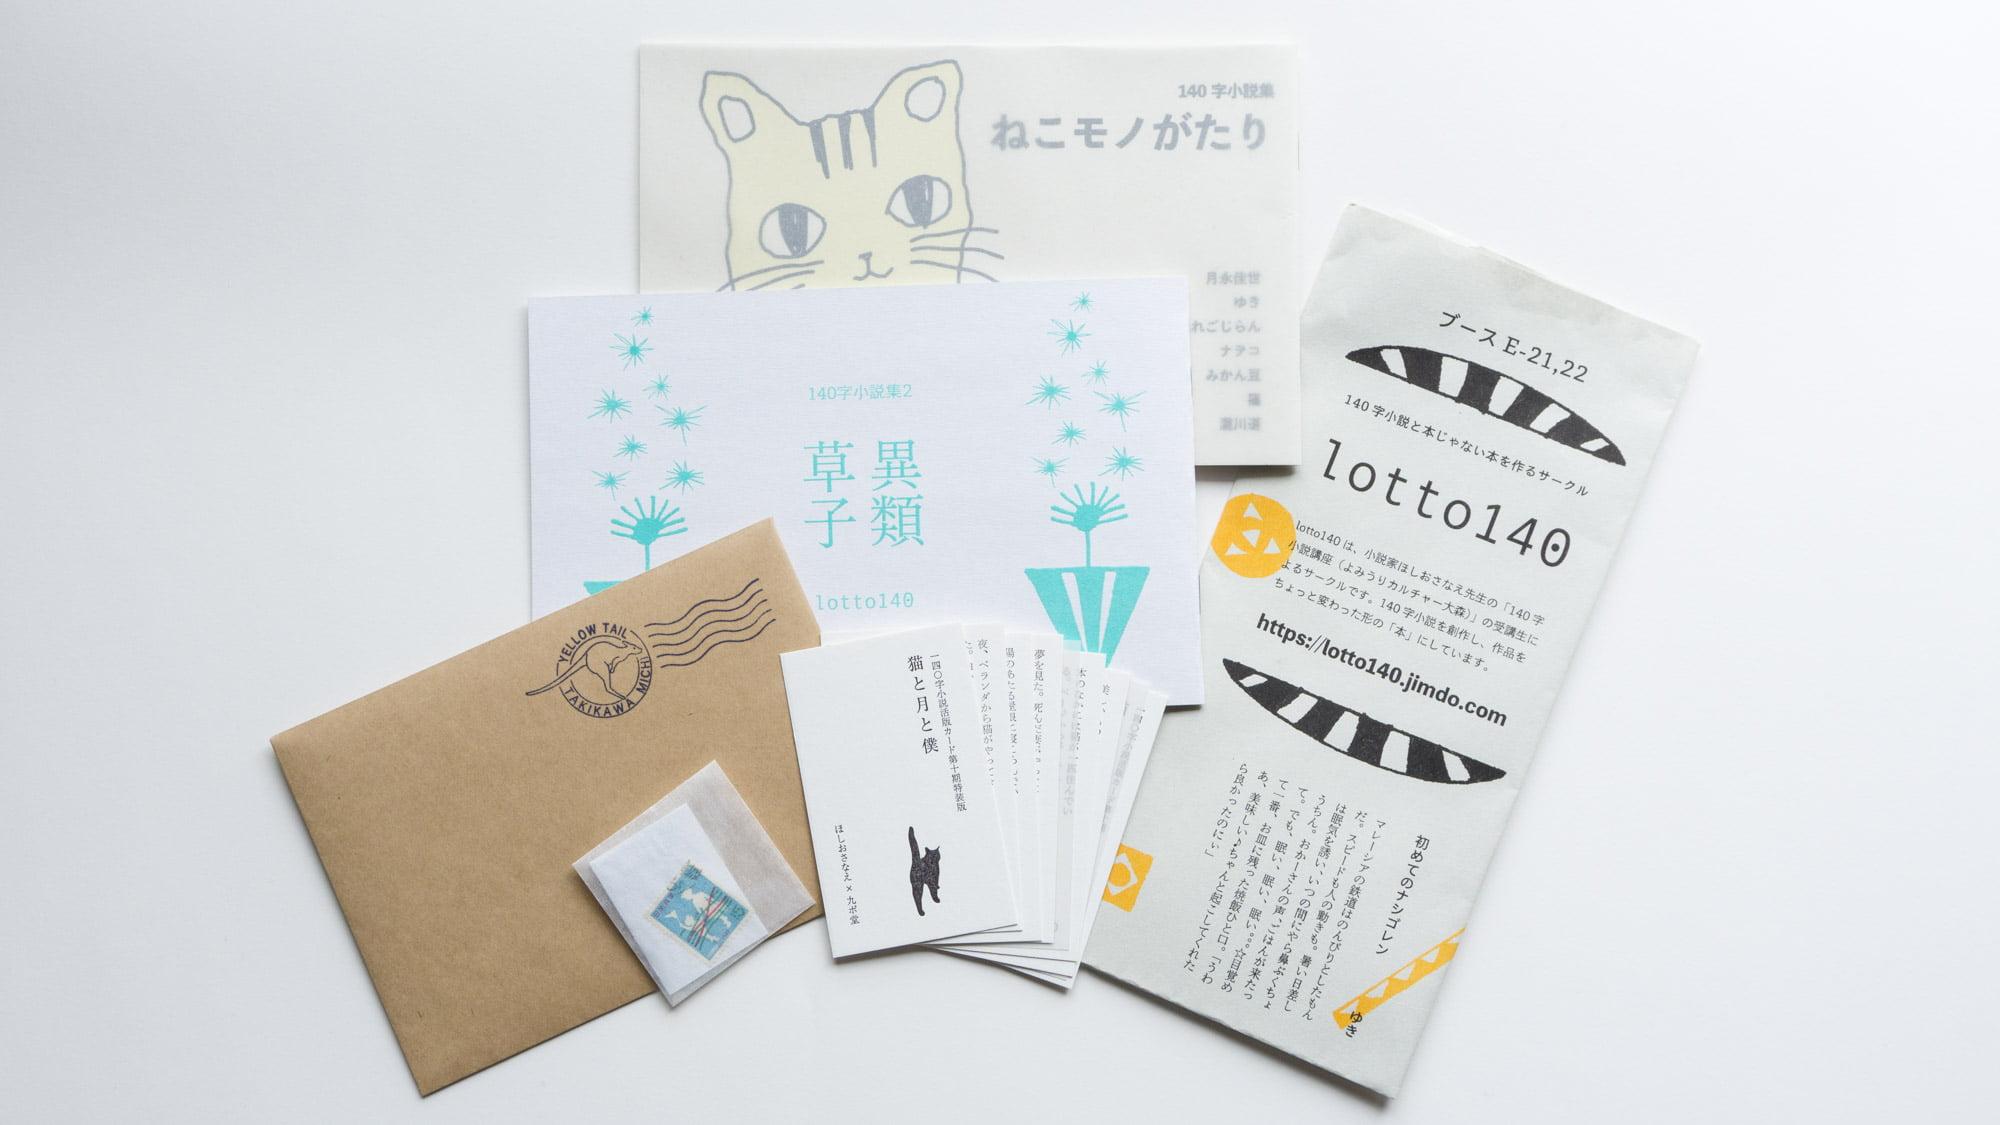 第二十四回文学フリマ東京戦利品 lotto140